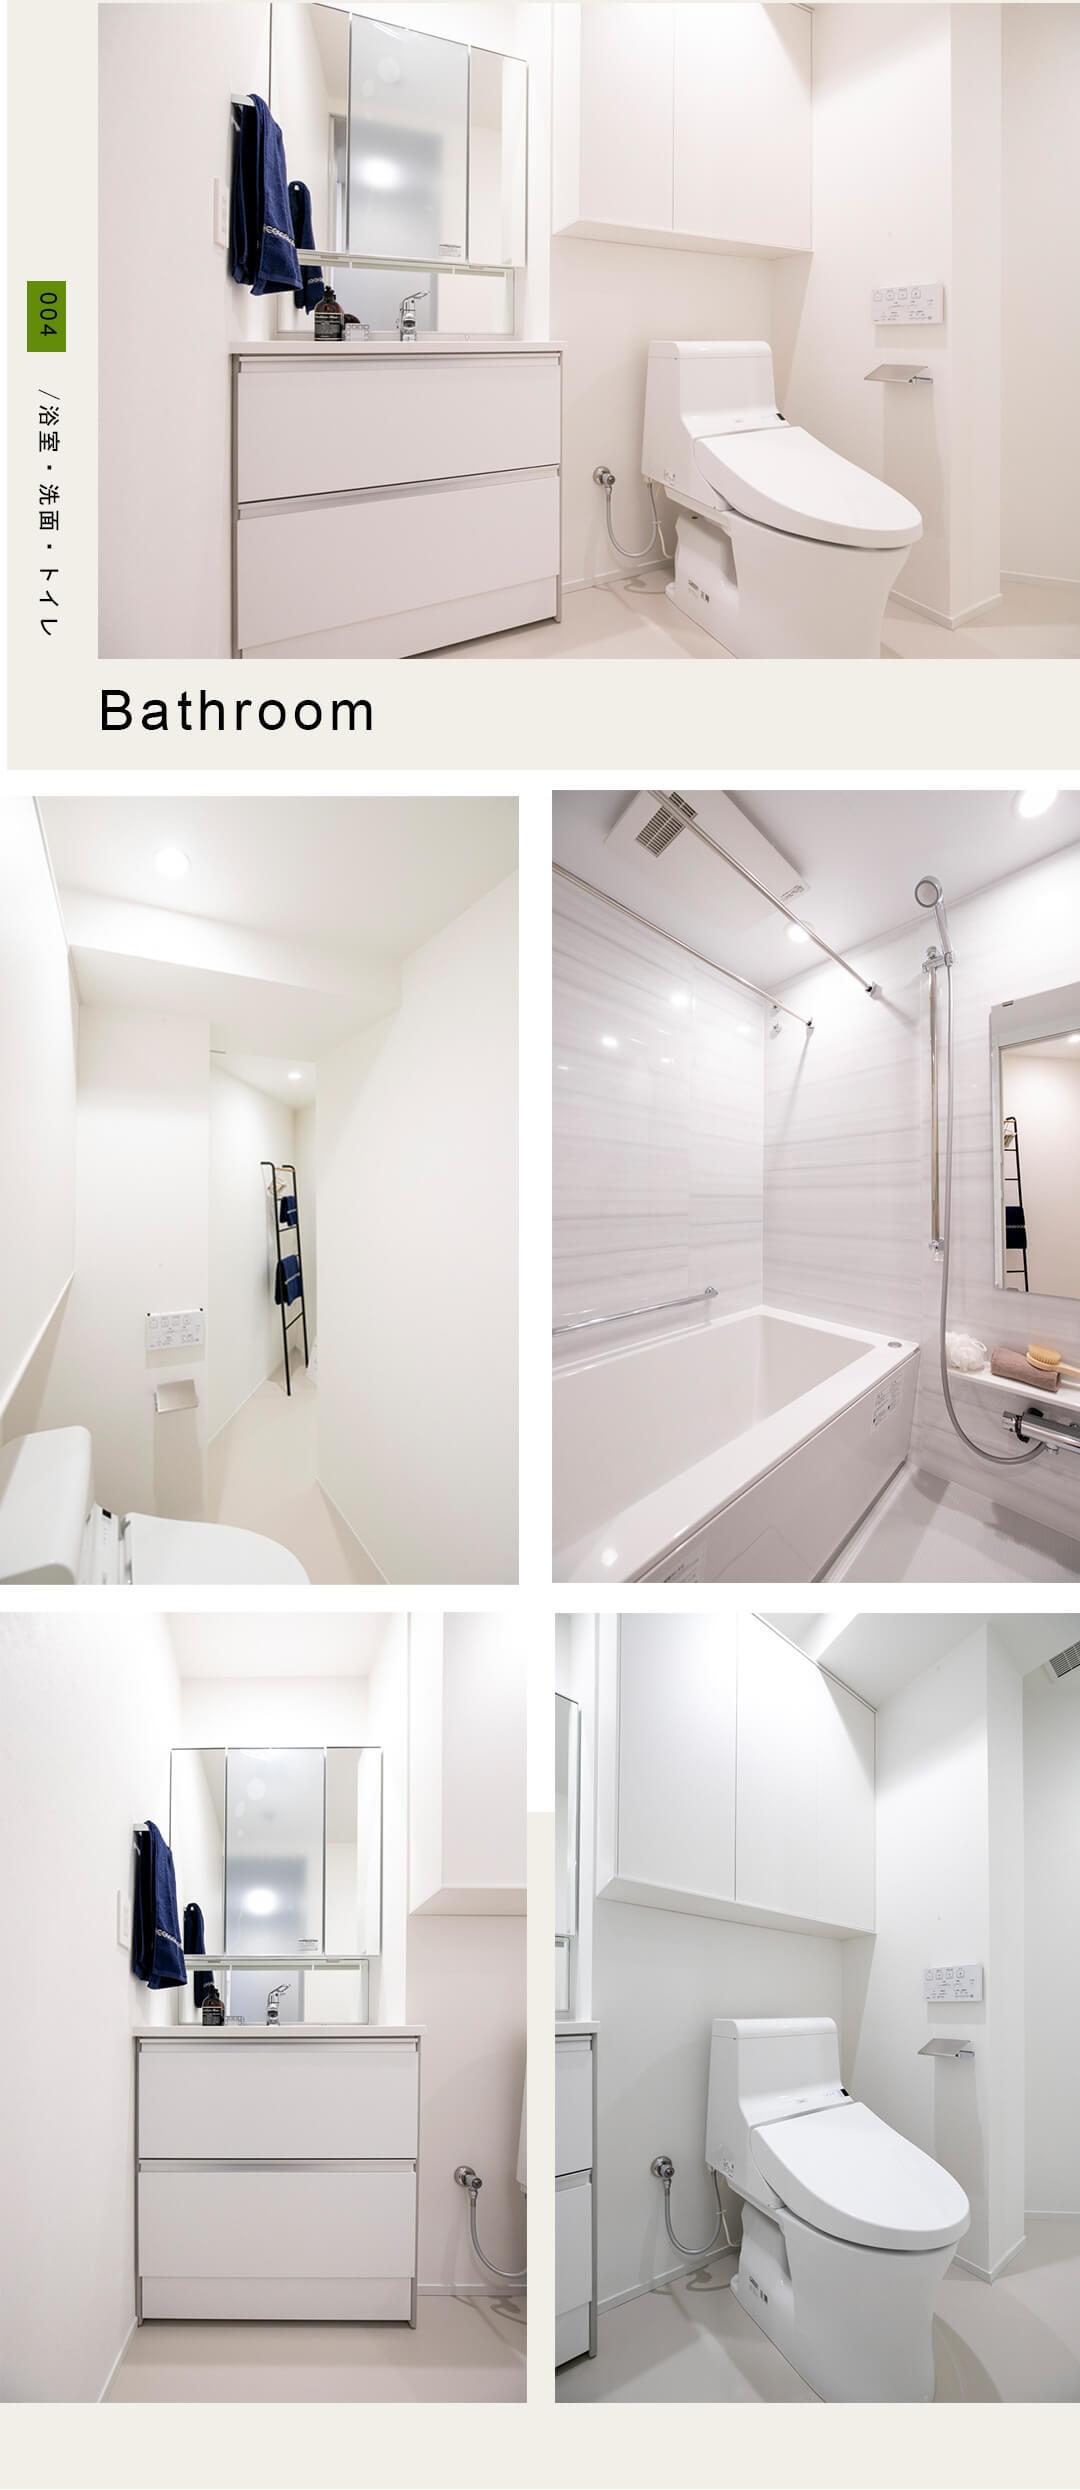 004浴室,洗面,トイレ,Bathroom